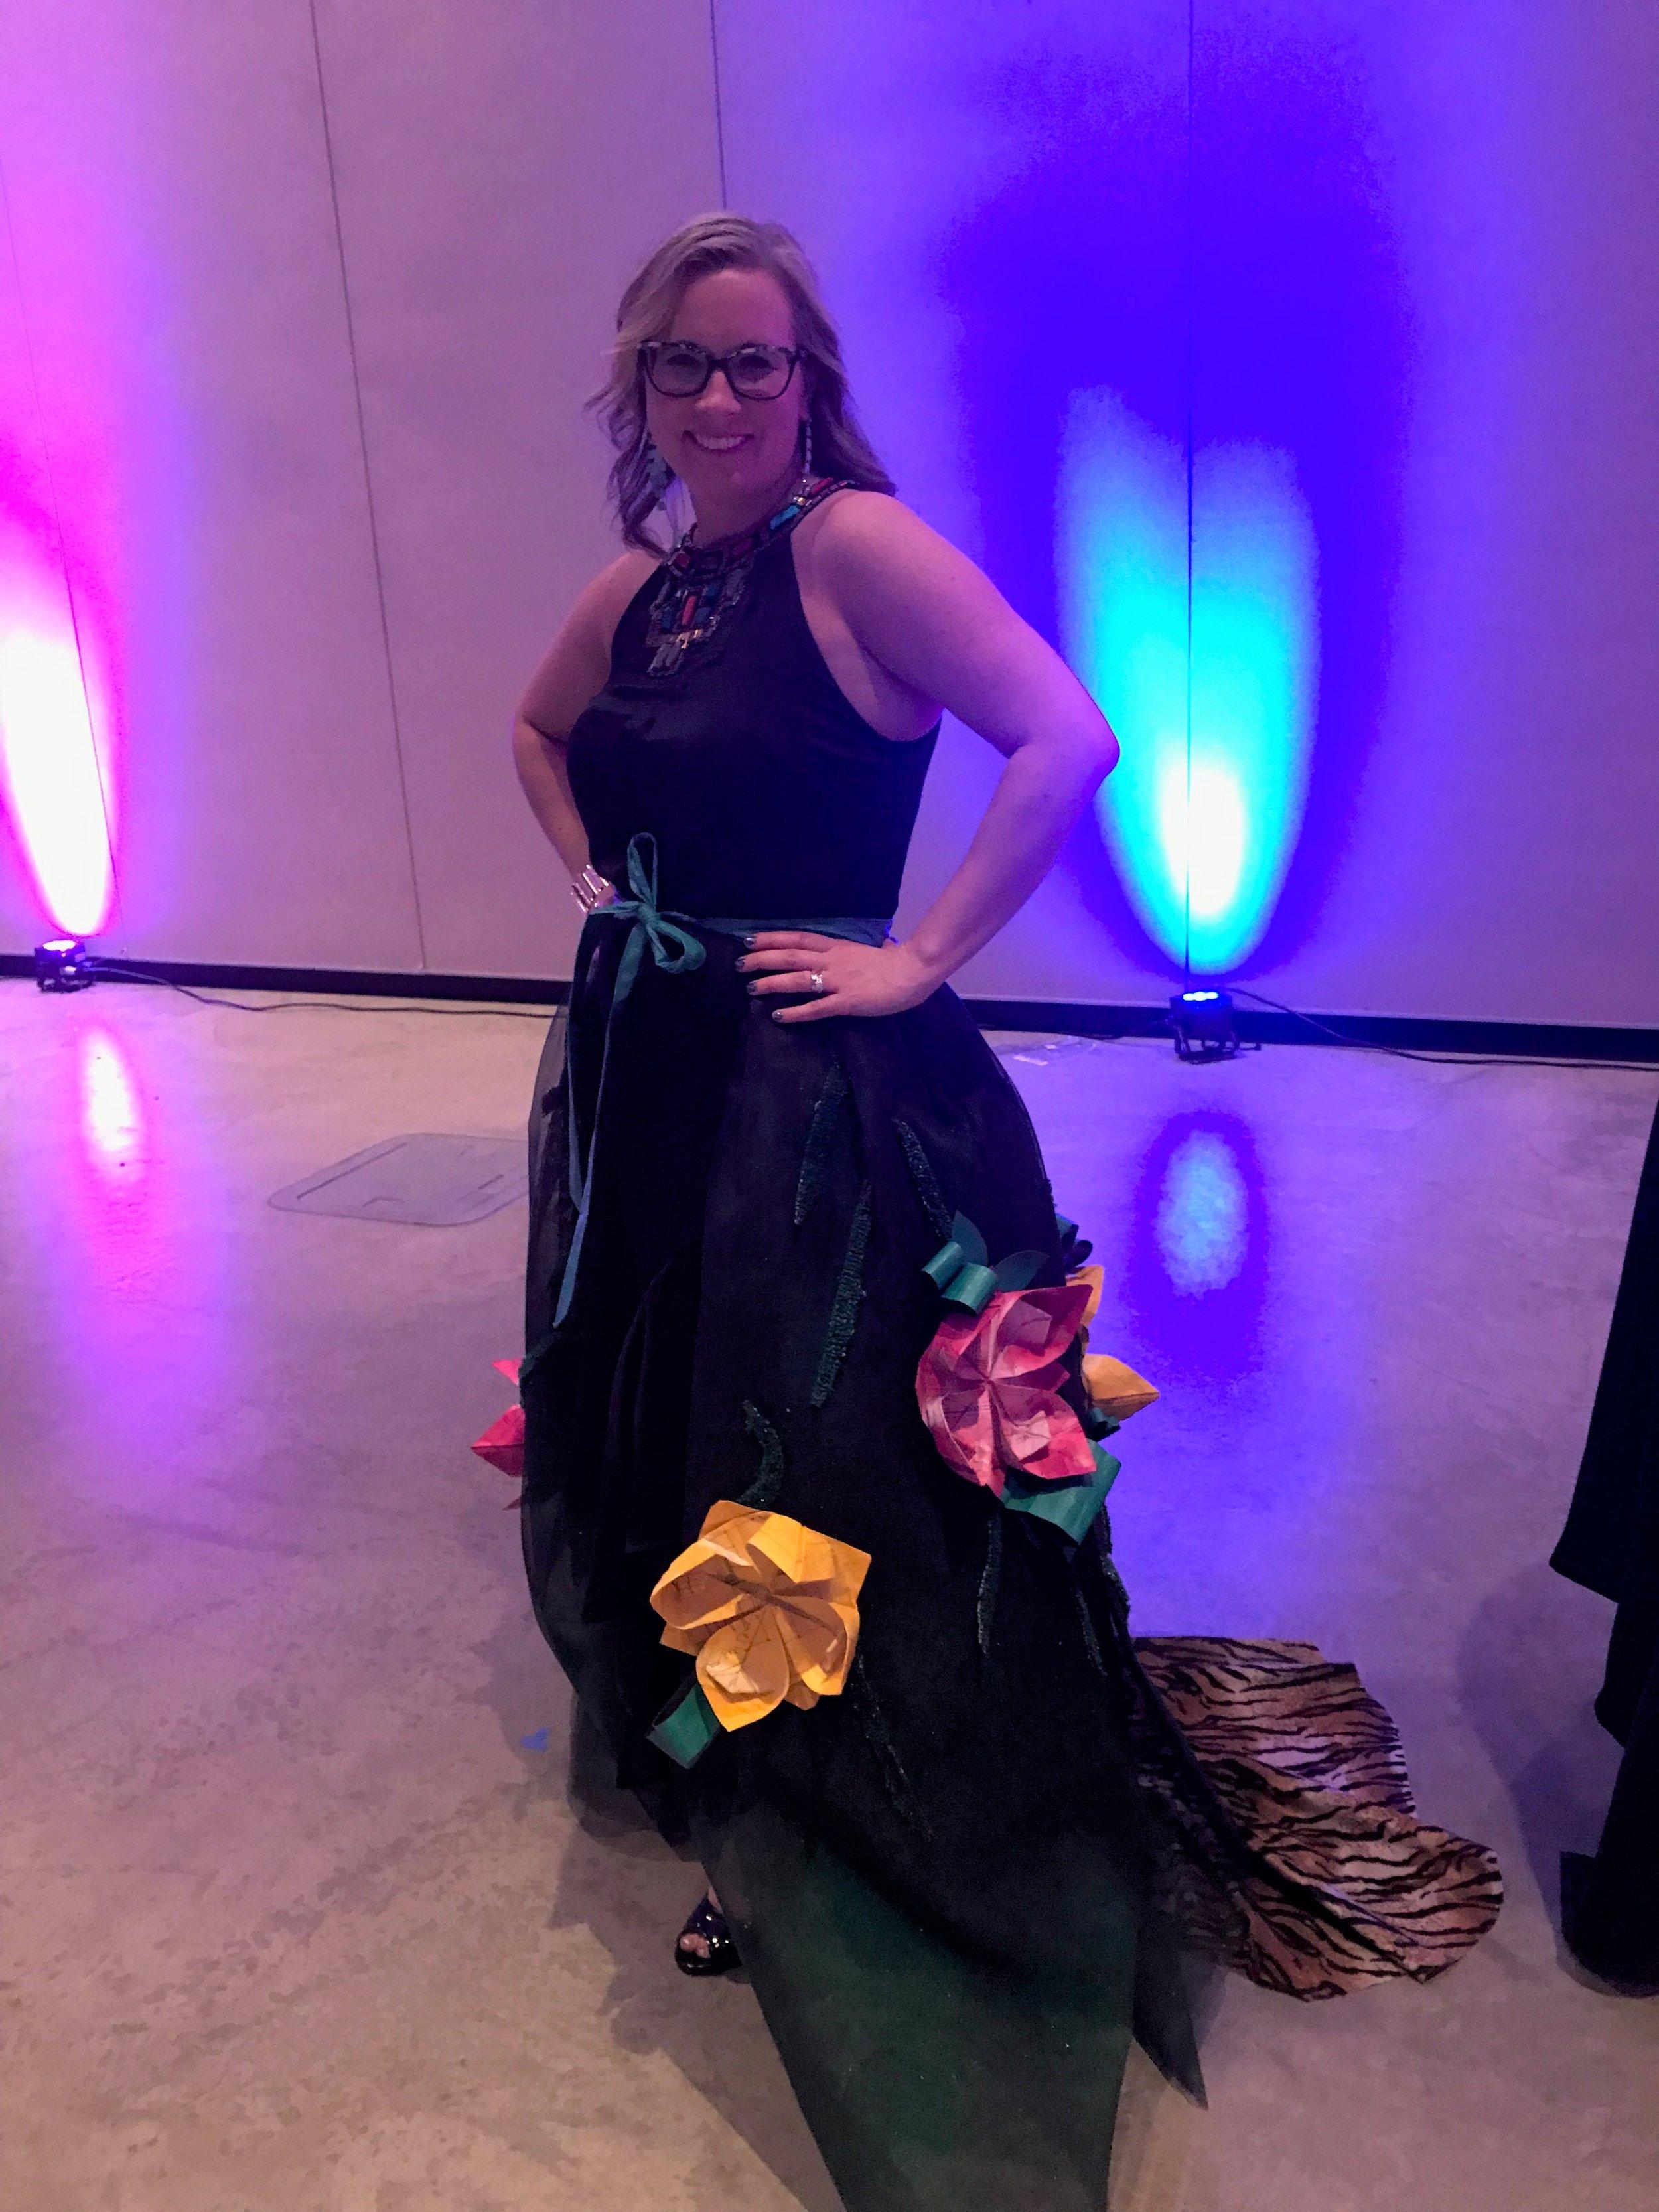 Jessica's turn to strut her stuff :)